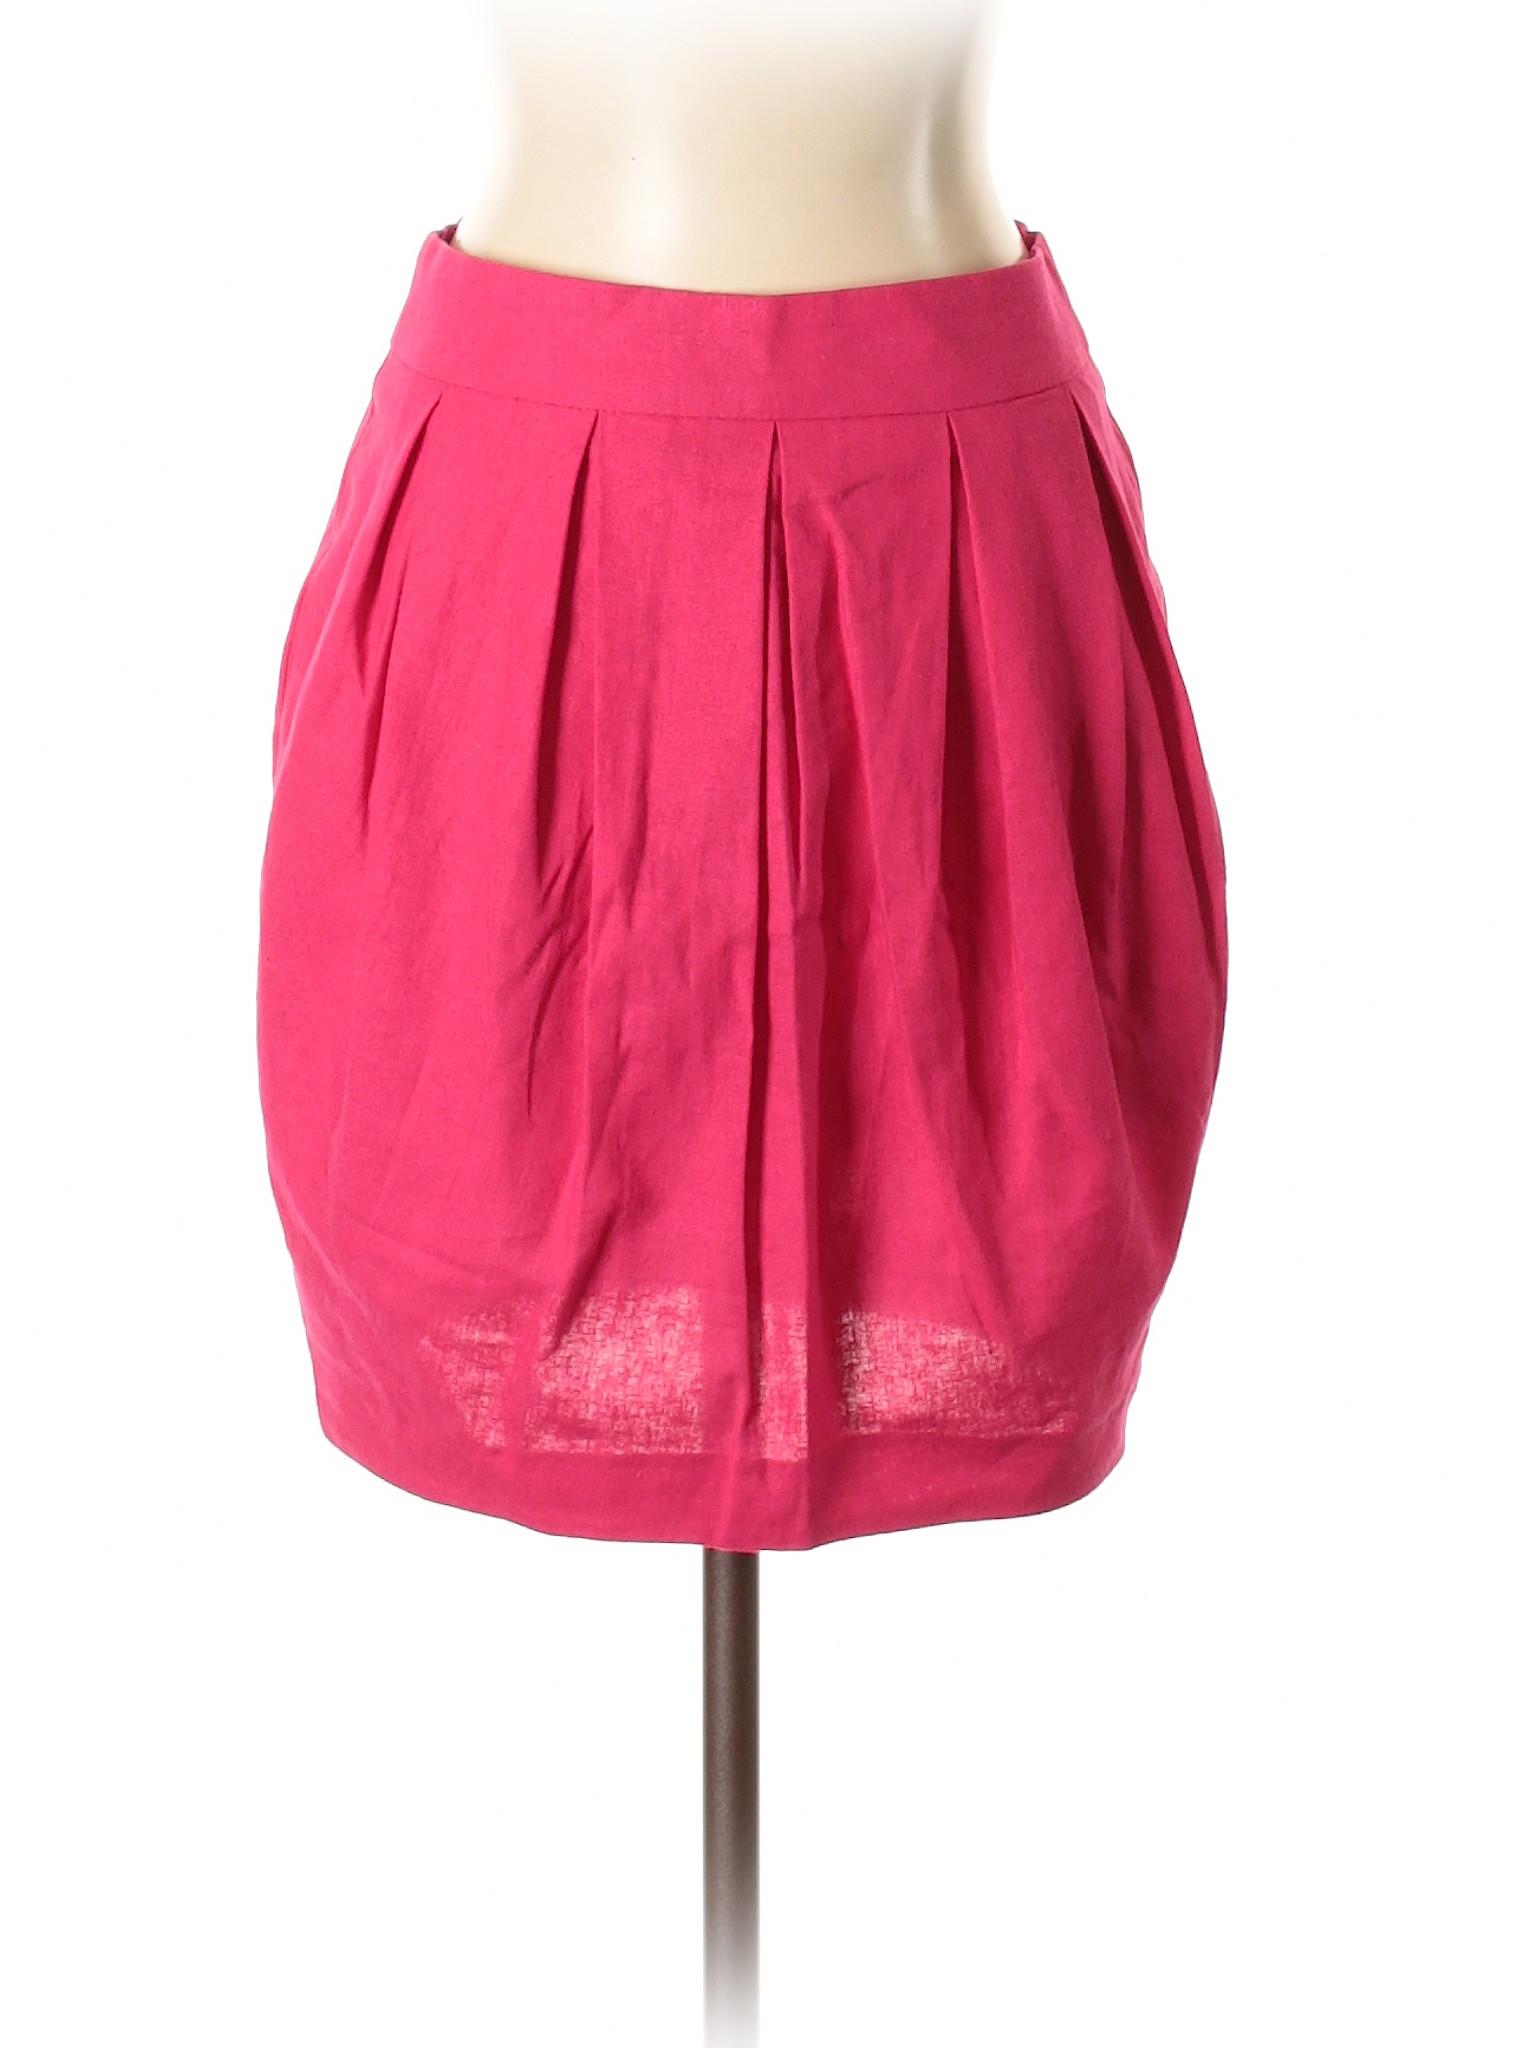 Boutique leisure Casual ASOS Boutique Skirt leisure 4Uzqx8w5